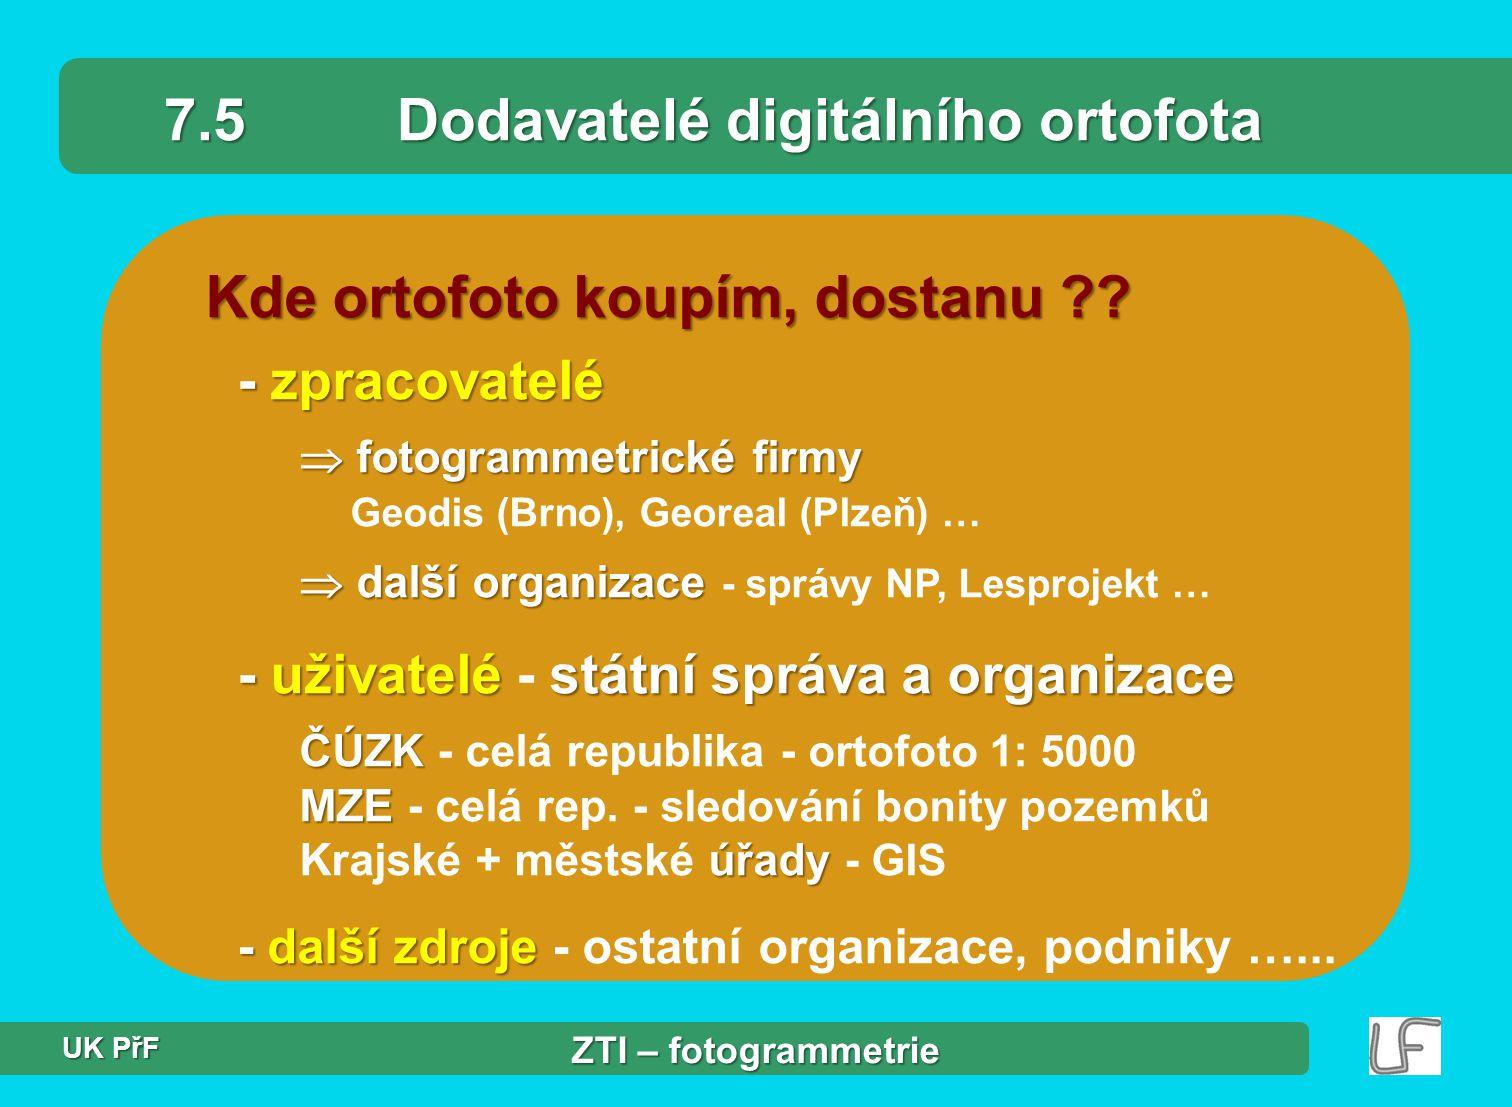 7.5 Dodavatelé digitálního ortofota